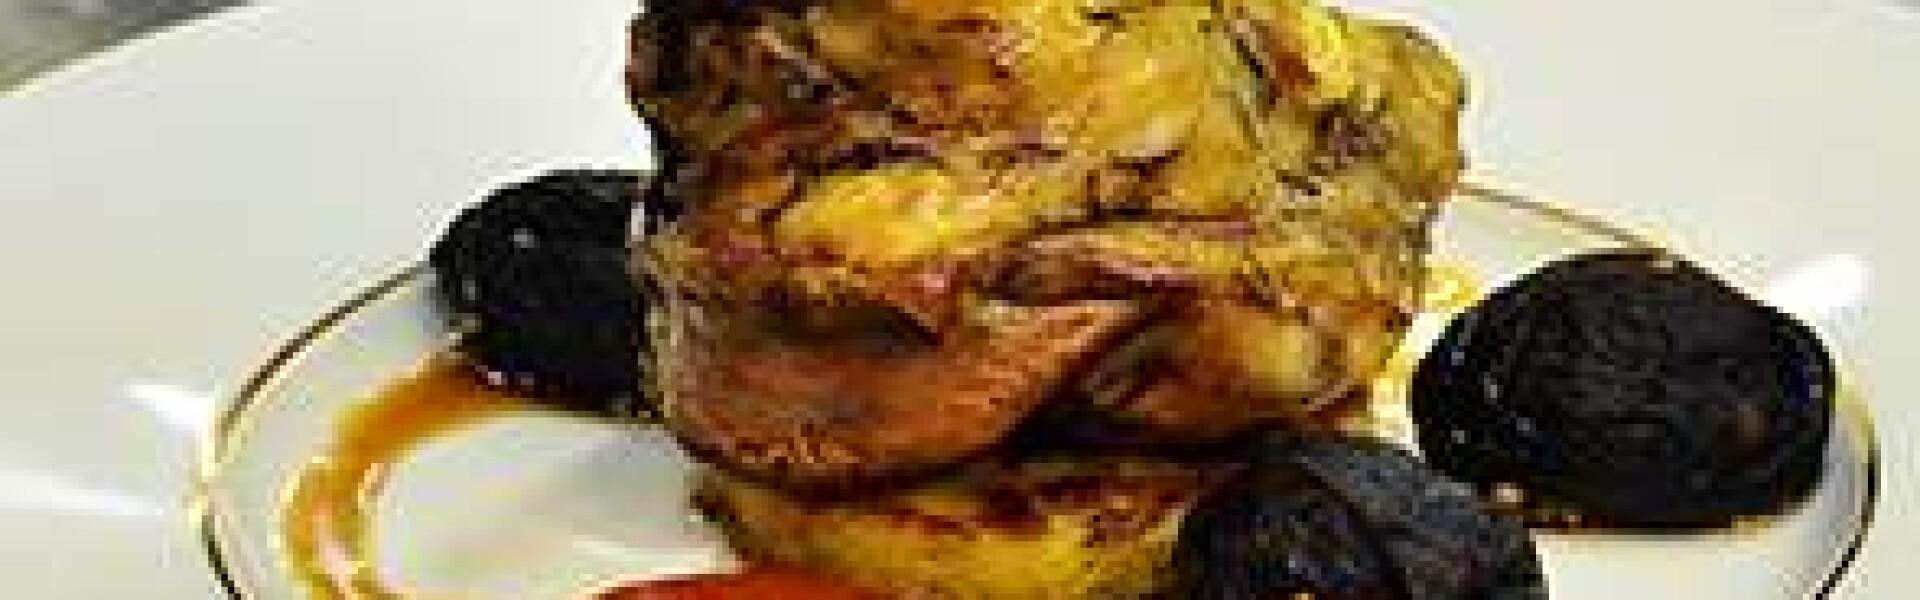 CoolWNS ·Приготовление блюд из баранины